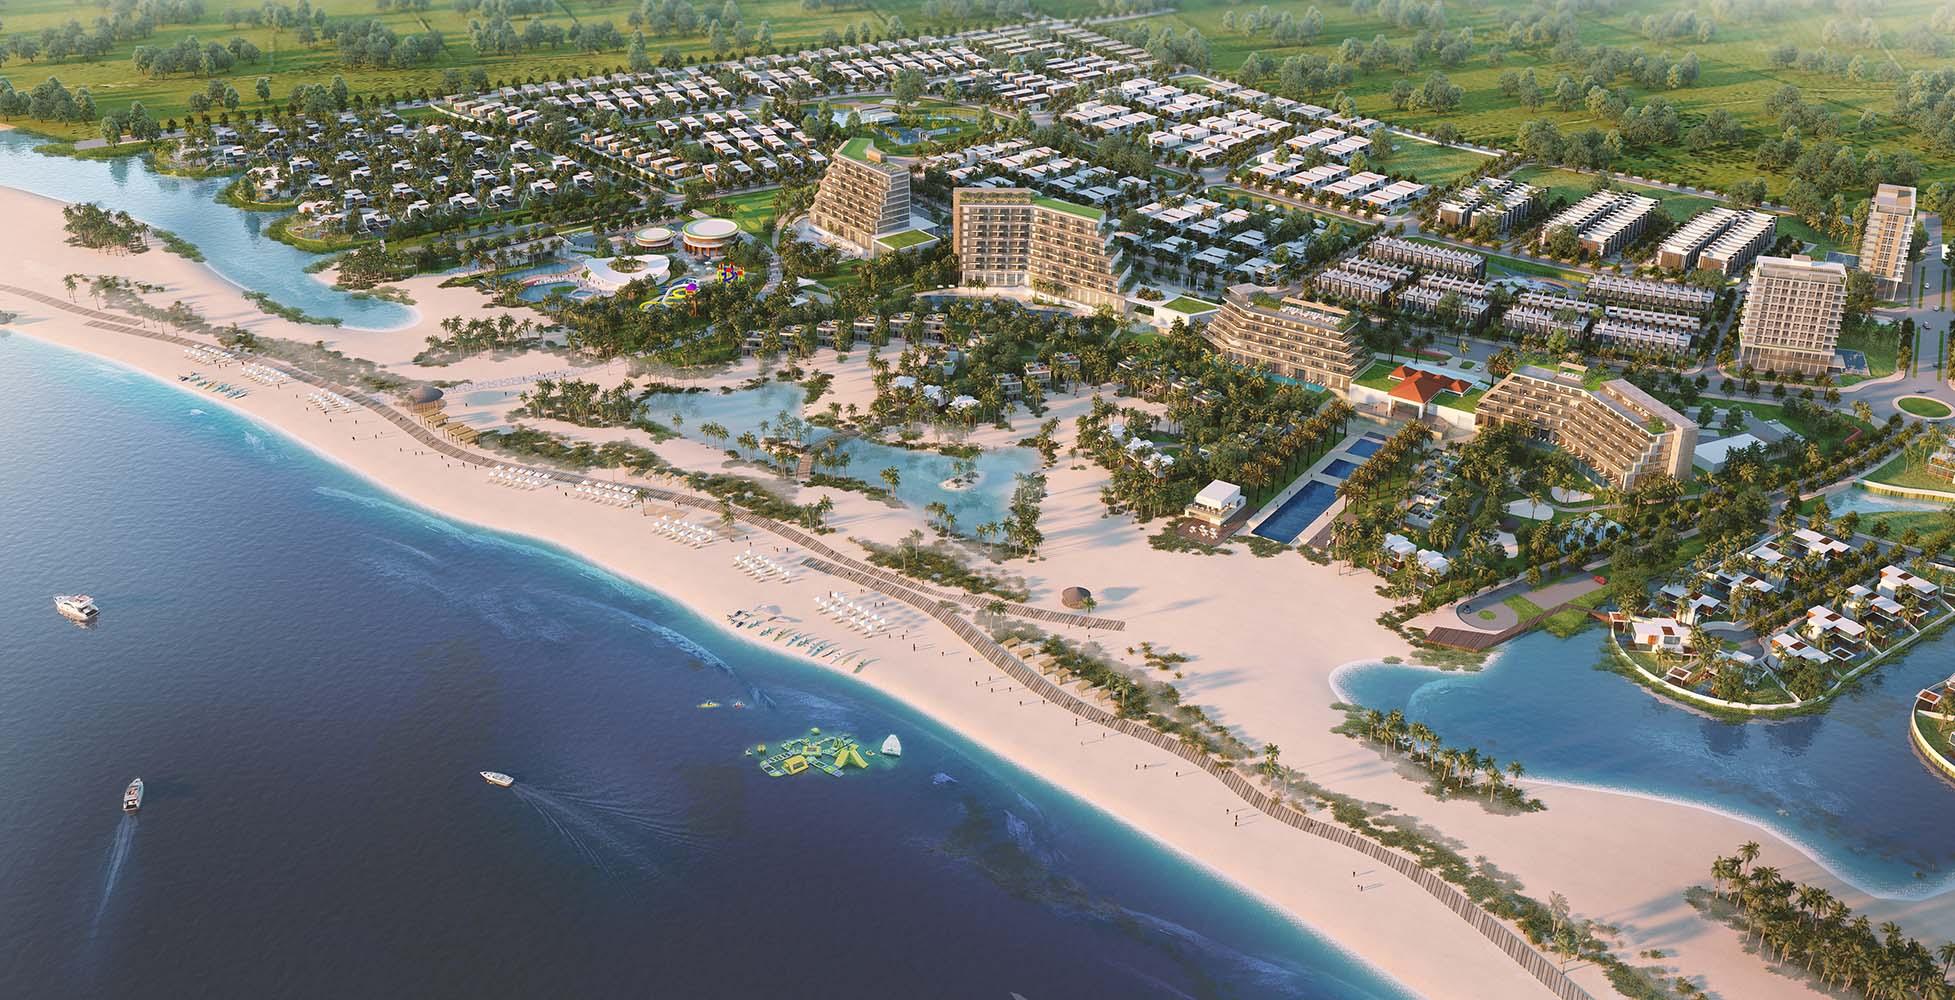 Một công ty in ấn tí hon muốn chi hơn 900 tỉ đồng thâu tón dự án nghỉ dưỡng Lạc Việt - Bình Thuận của DRH Holdings - Ảnh 1.